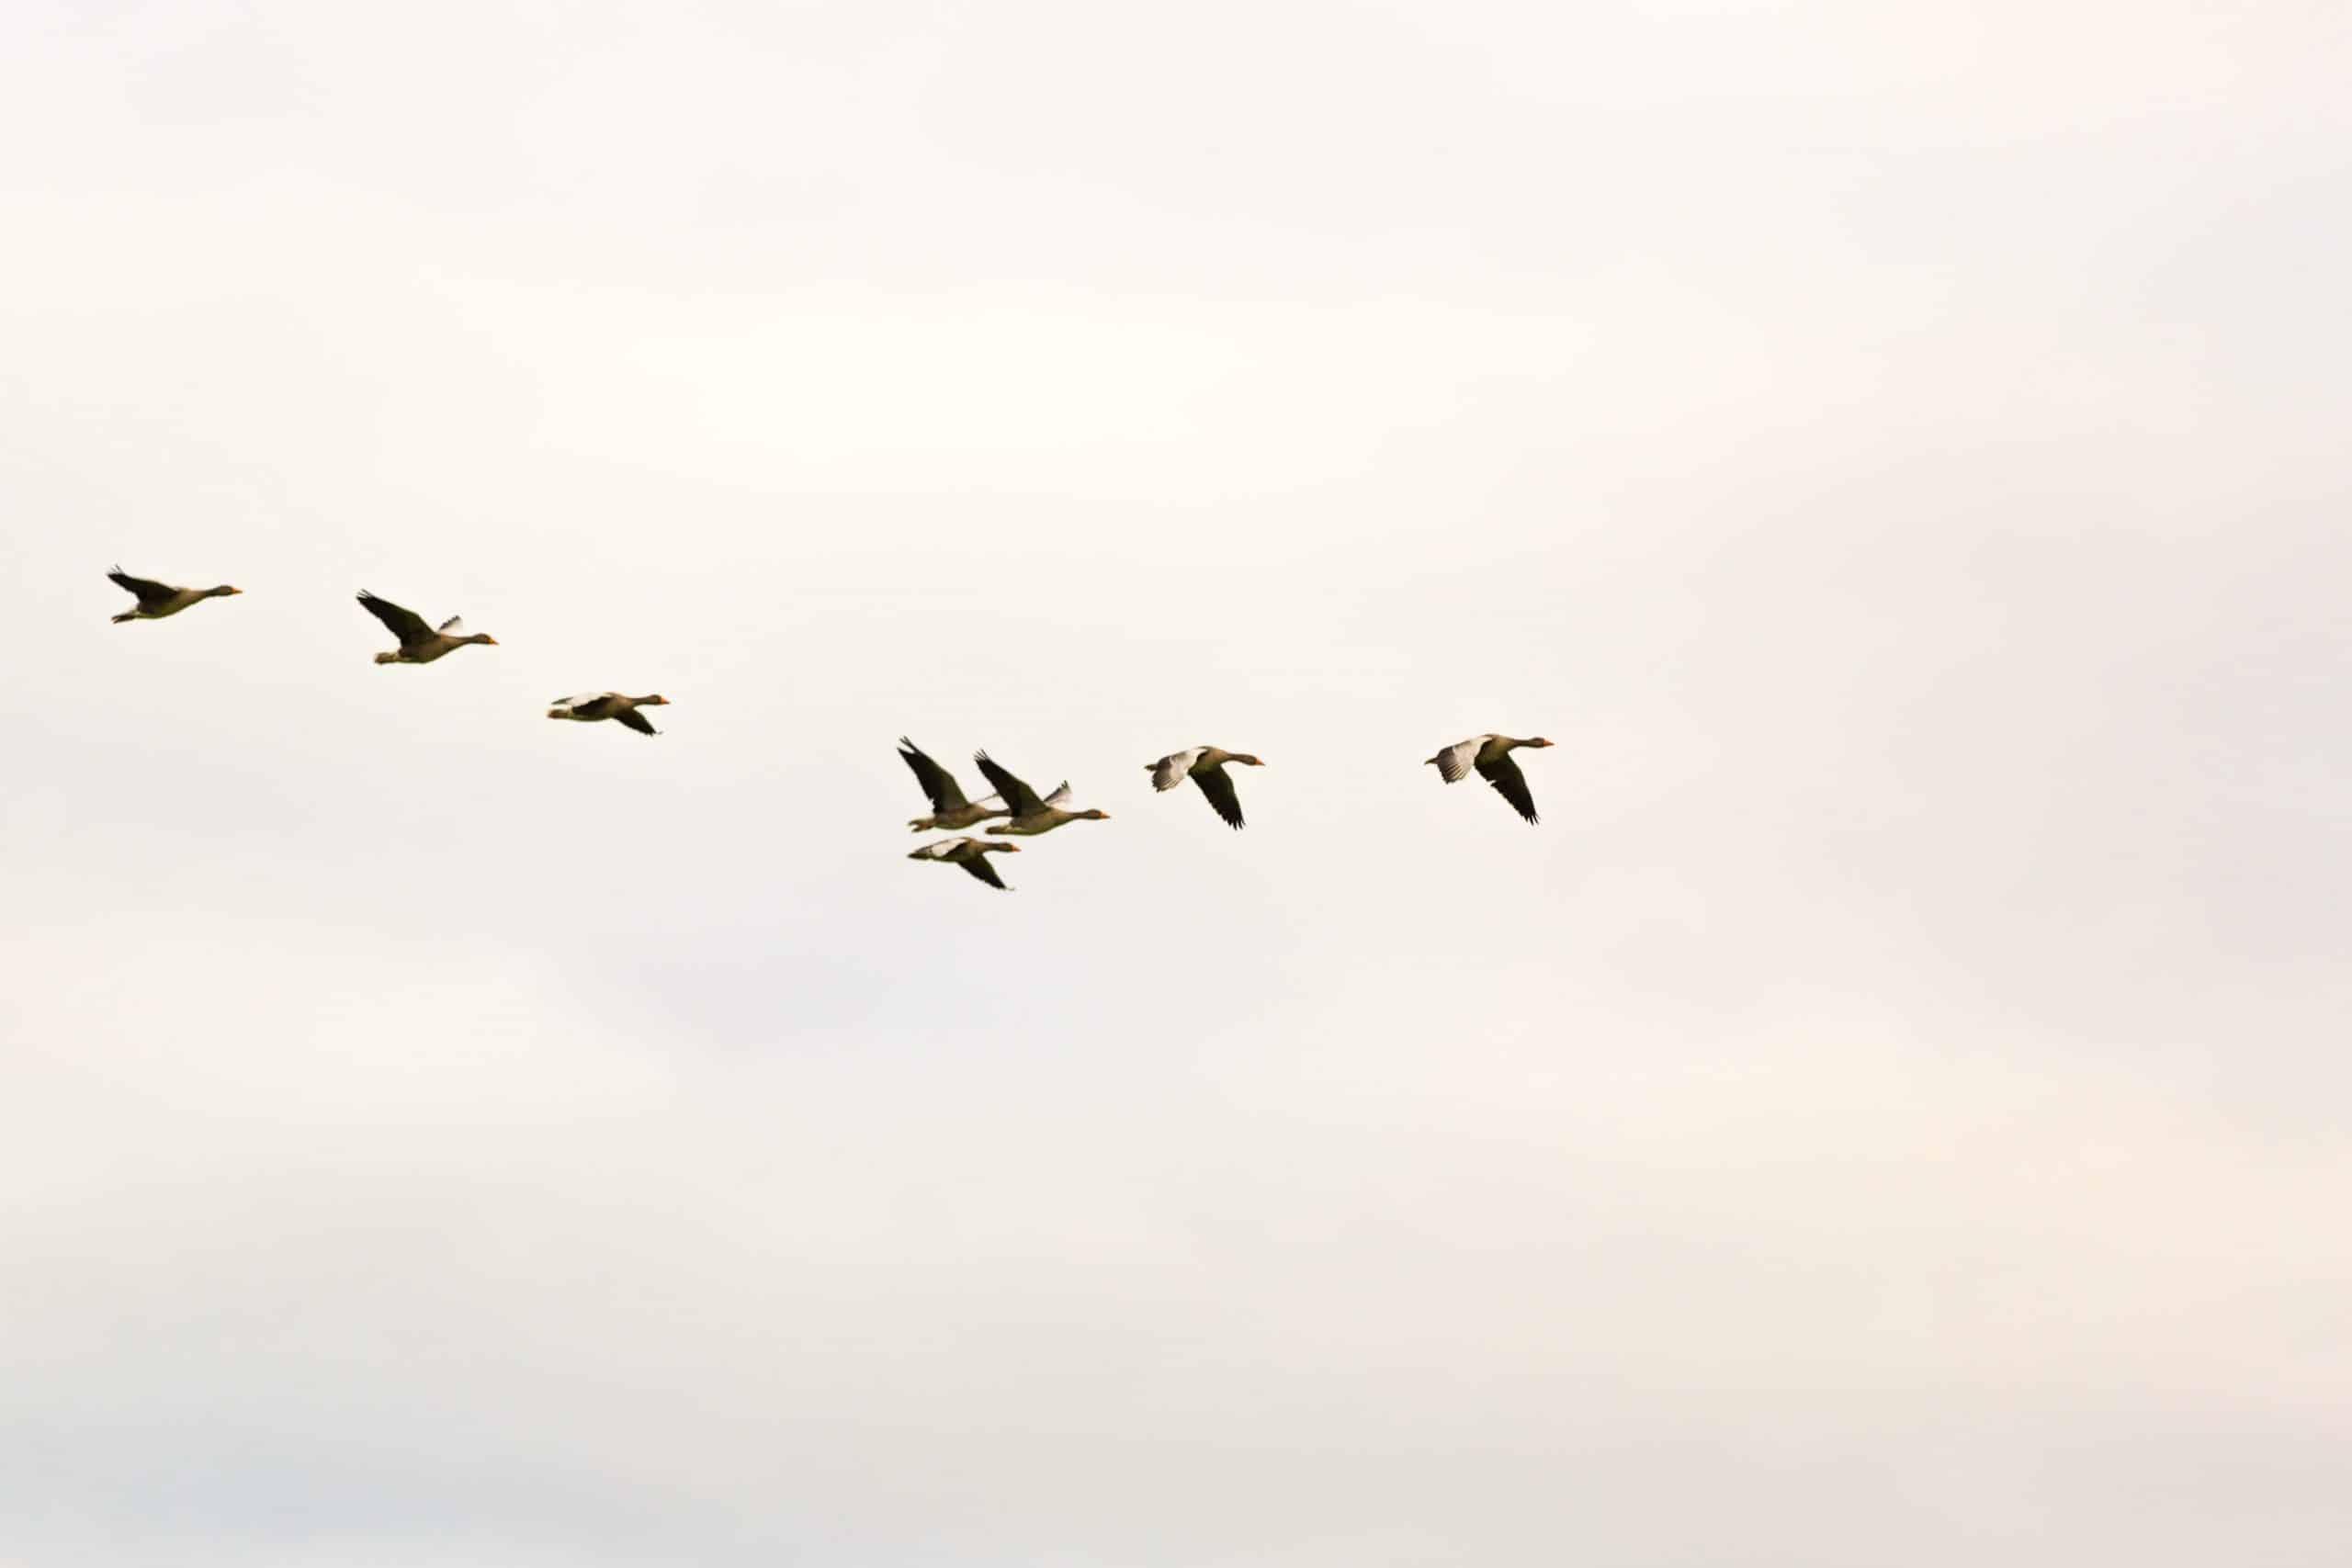 Pássaros voando no céu.